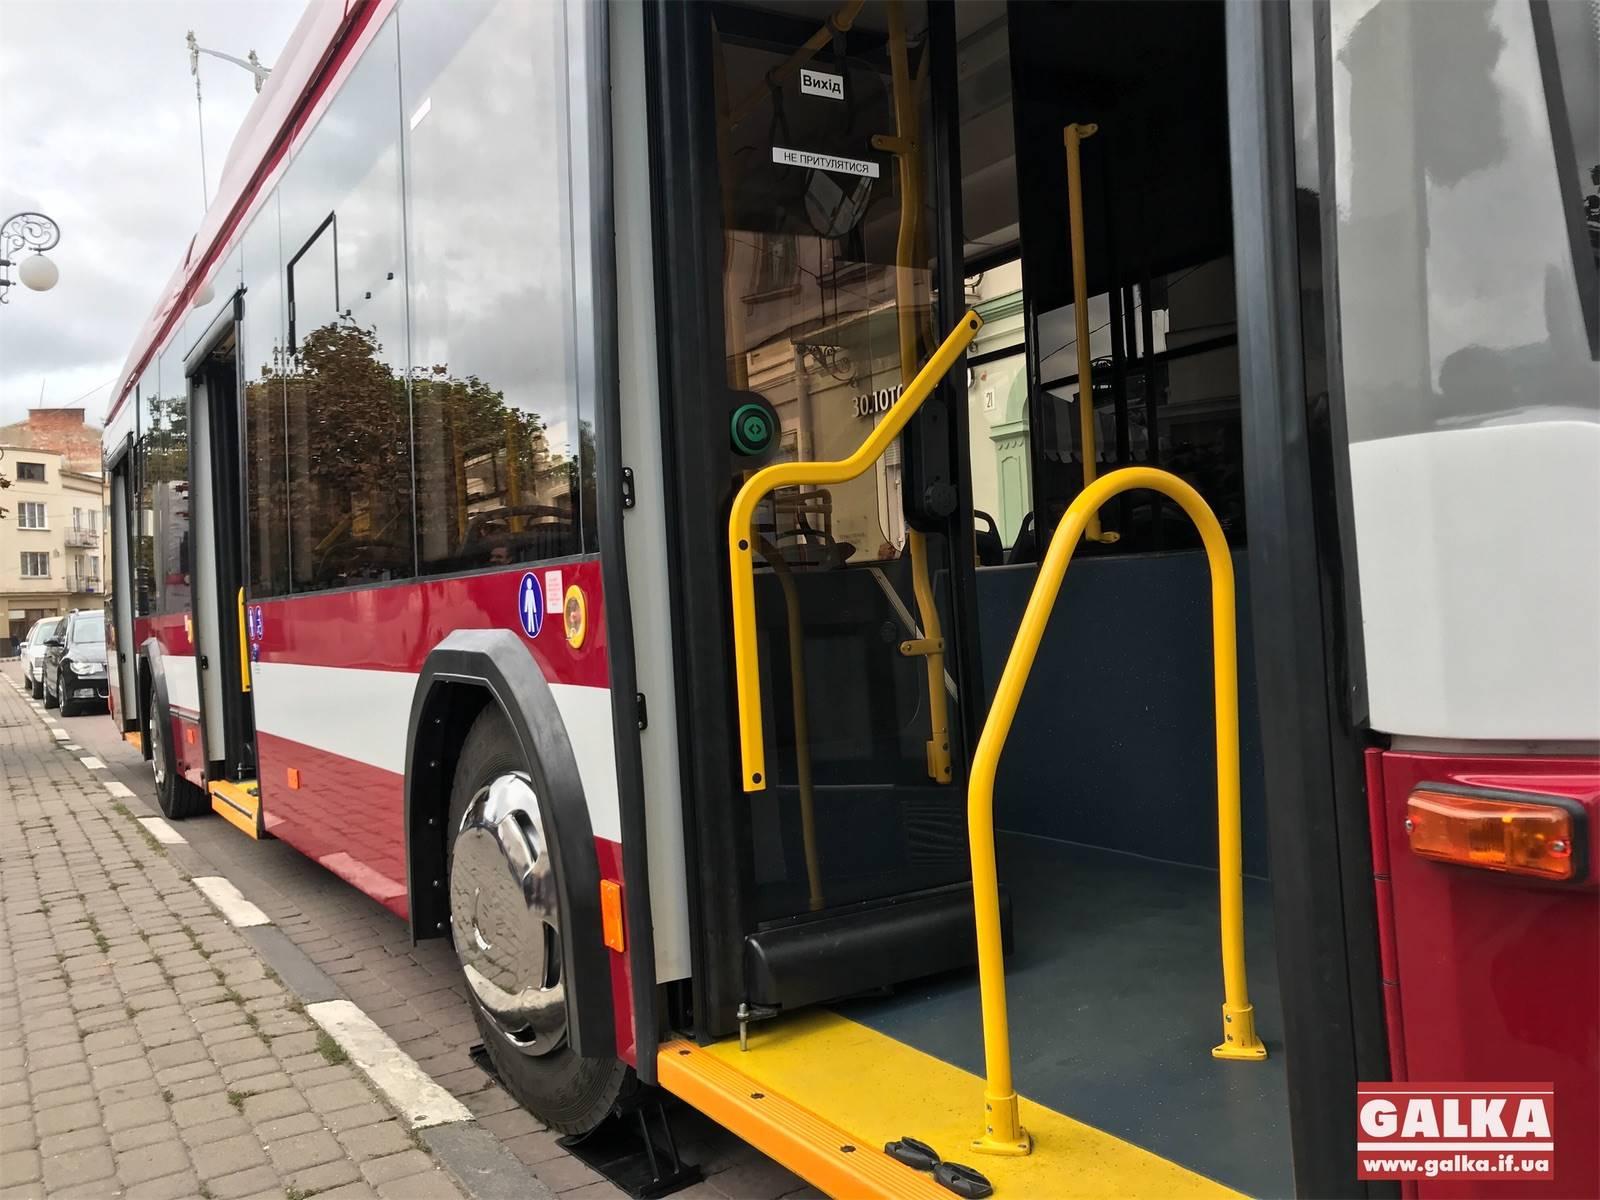 Частина нових білоруських тролейбусів не матимуть кондиціонеру салону